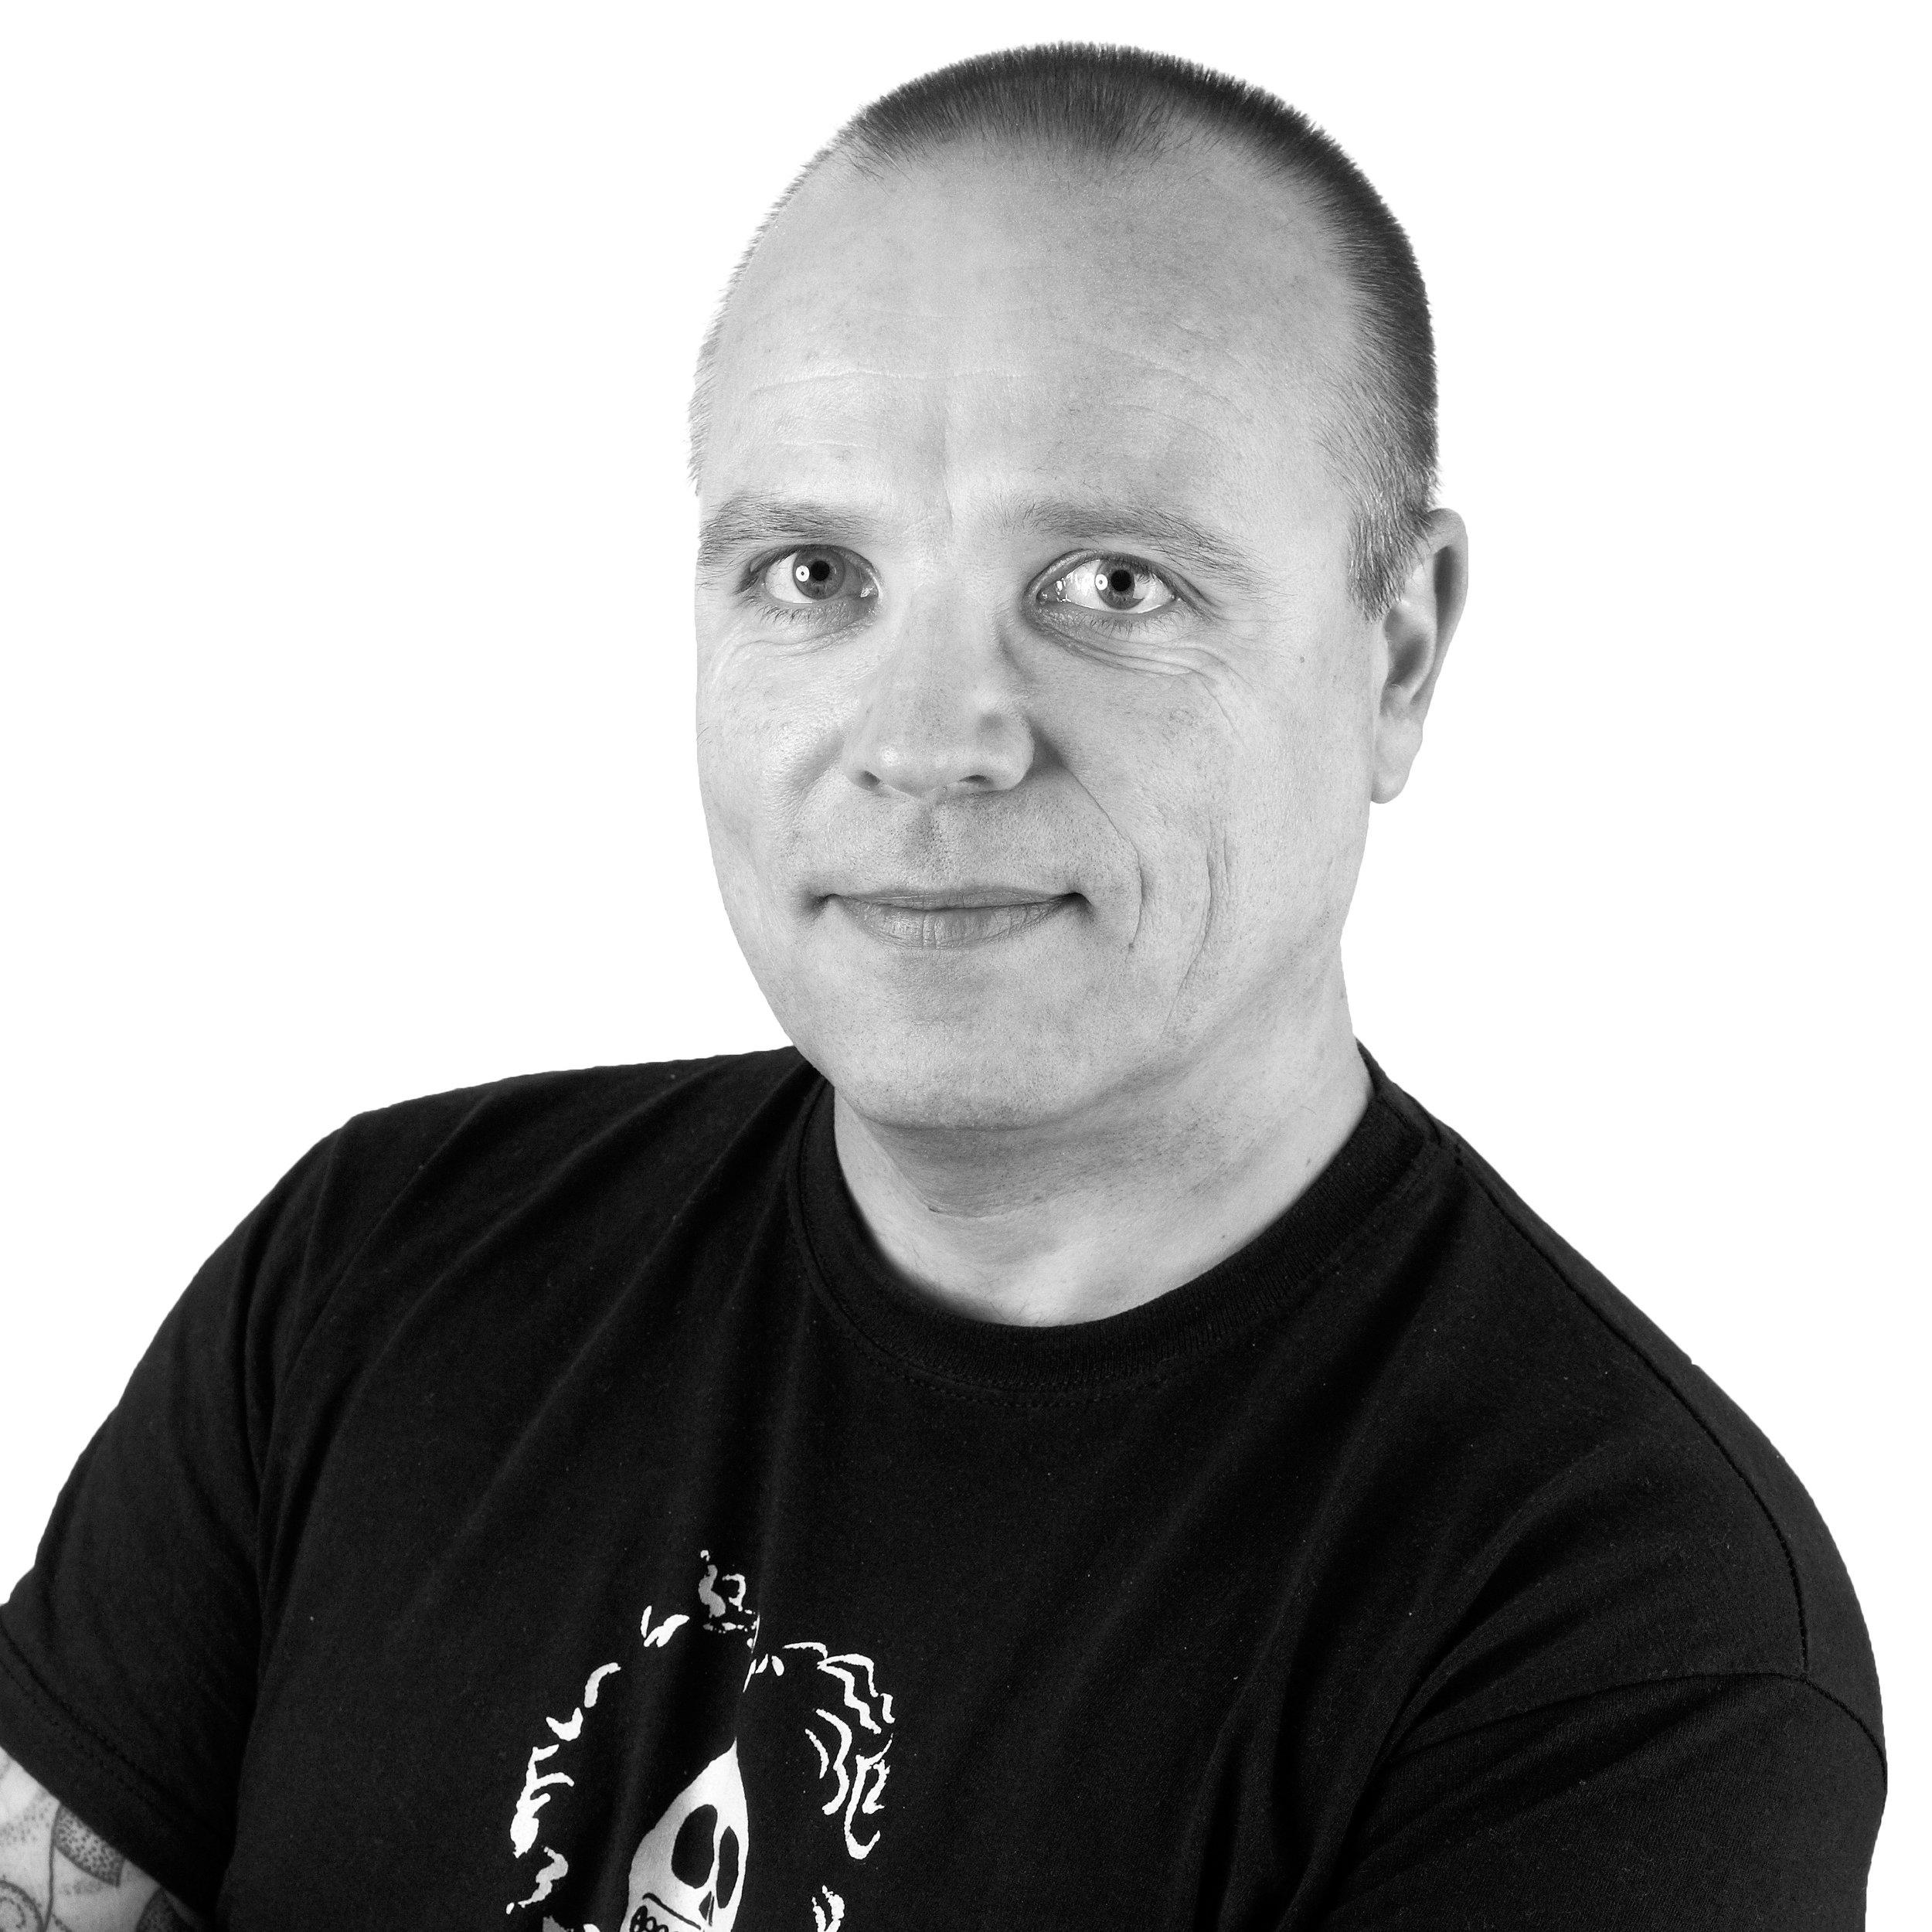 Morten Møller (Gramo)